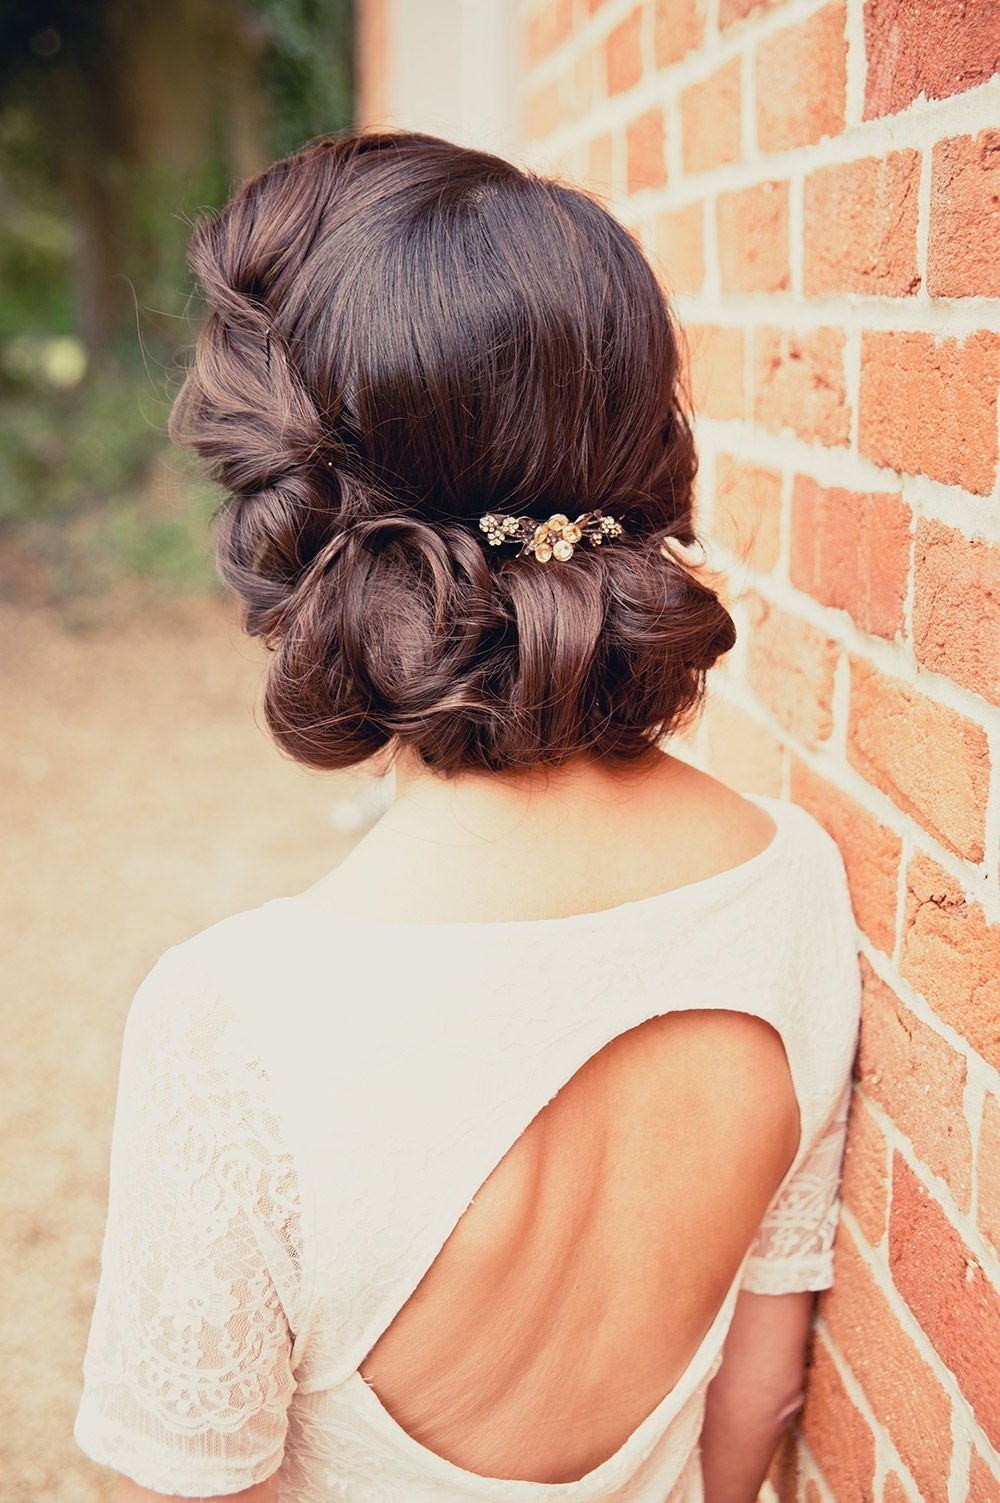 Vintage Wedding Hairstyles (Gallery 2 of 15)